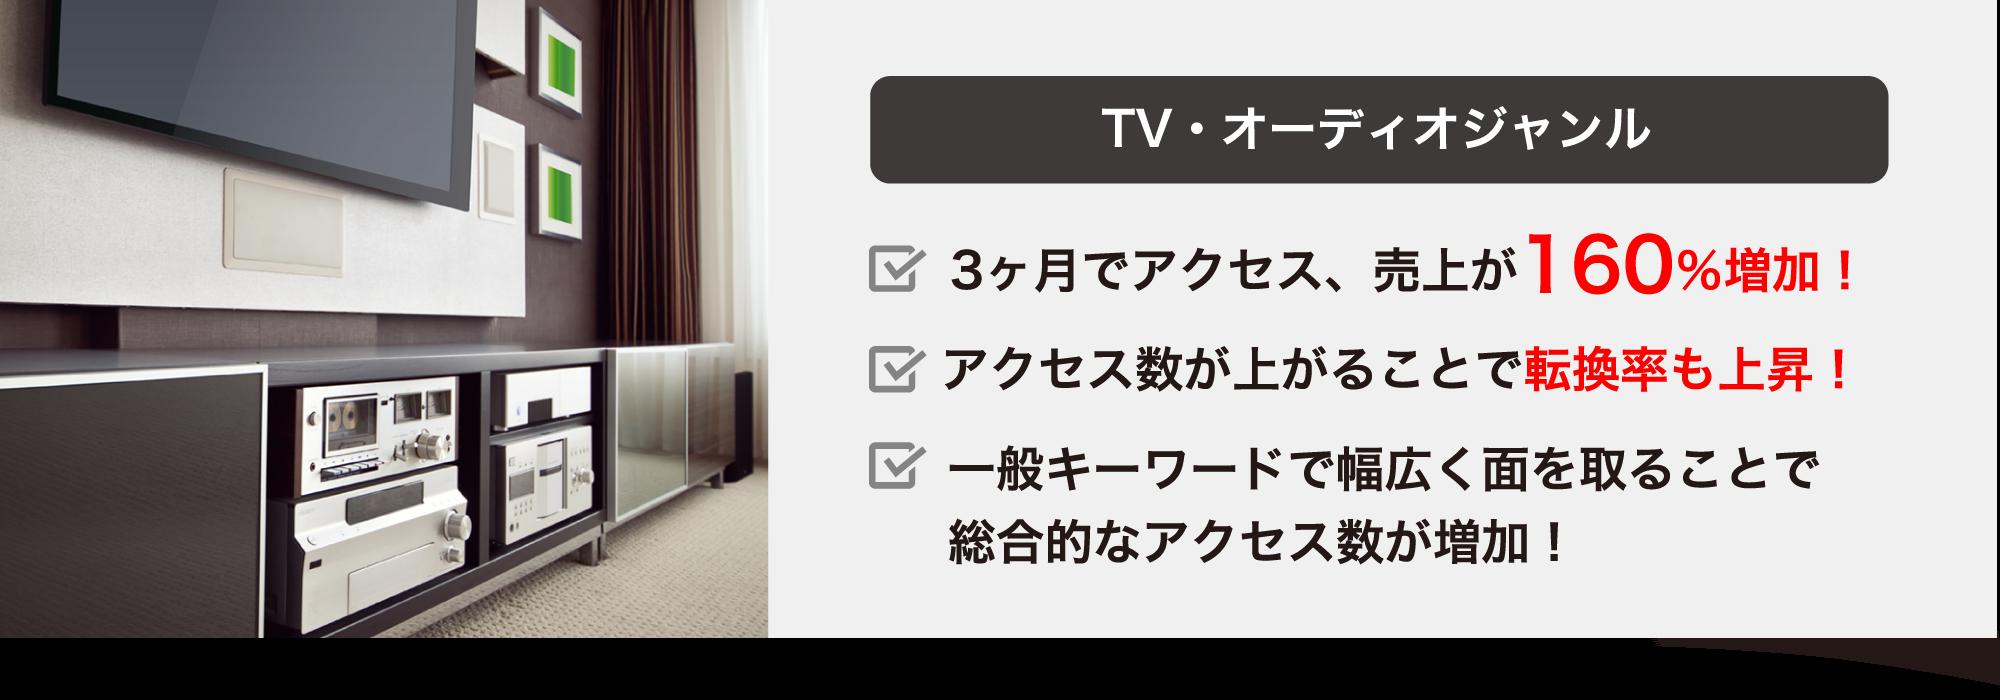 TV・オーディオジャンル